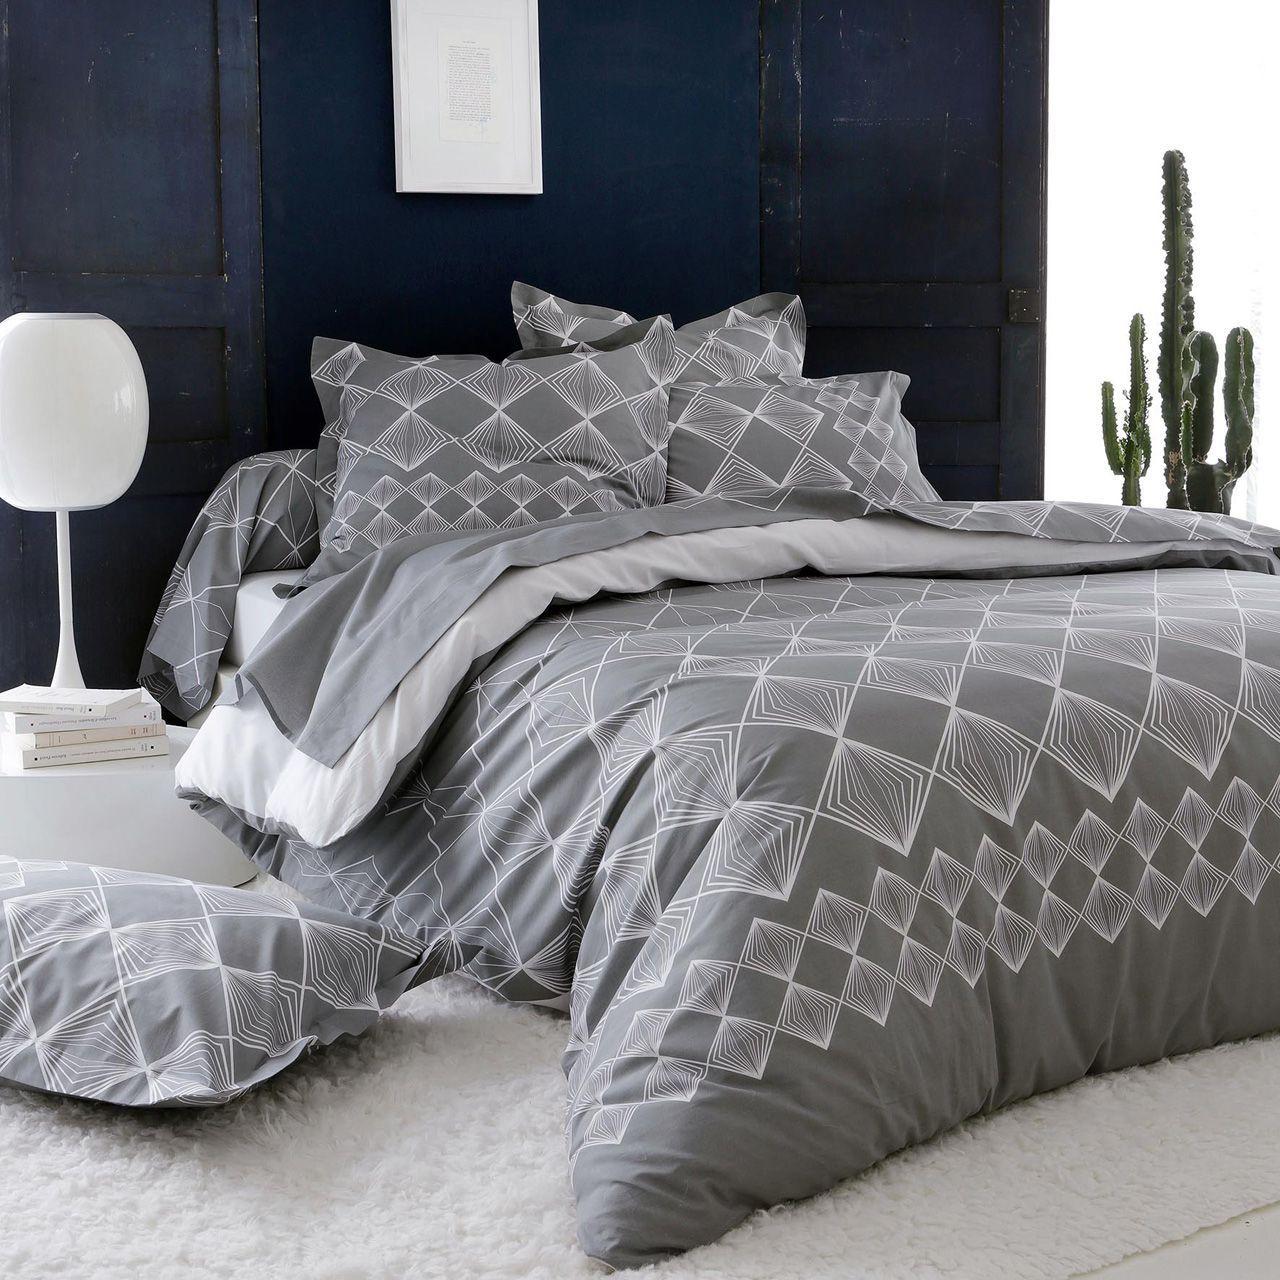 parure de lit forever gris coton imprim dp 180x290 dh. Black Bedroom Furniture Sets. Home Design Ideas